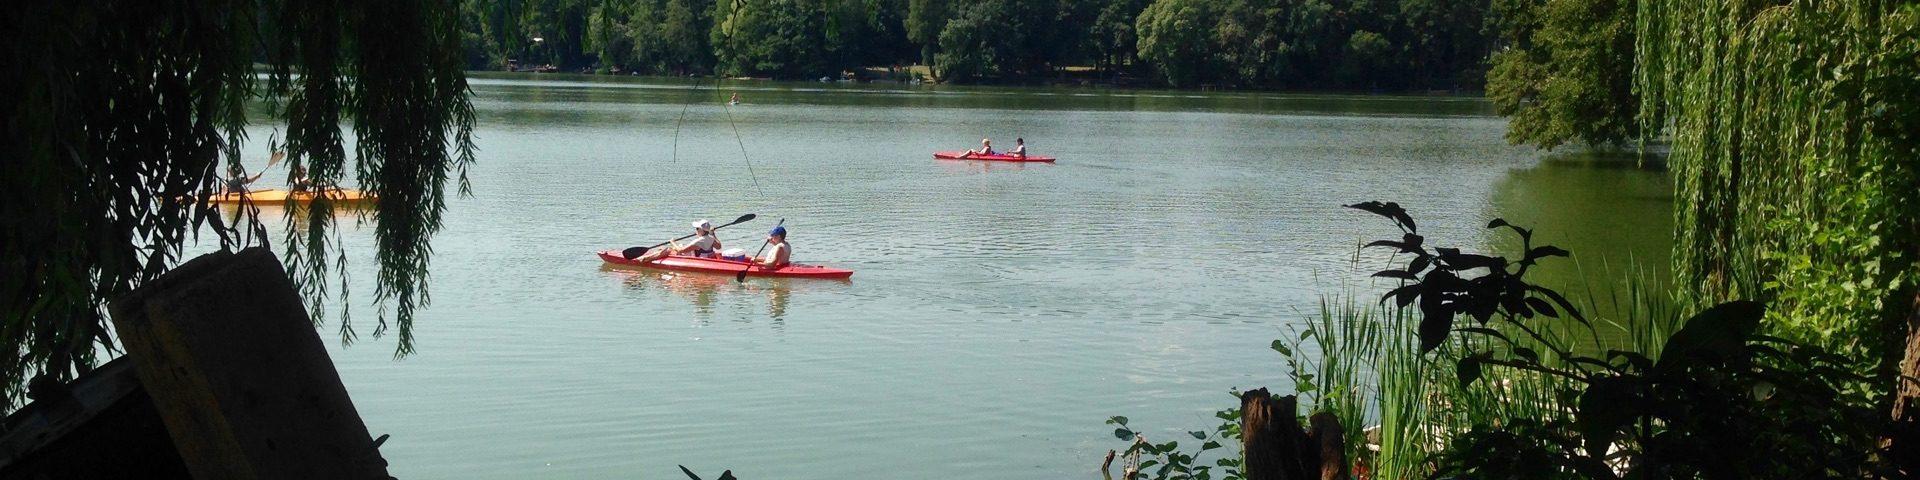 Paddel Pit Bootsverleih und SUP Verleih bei Berlin am Motzener See im berliner Umland